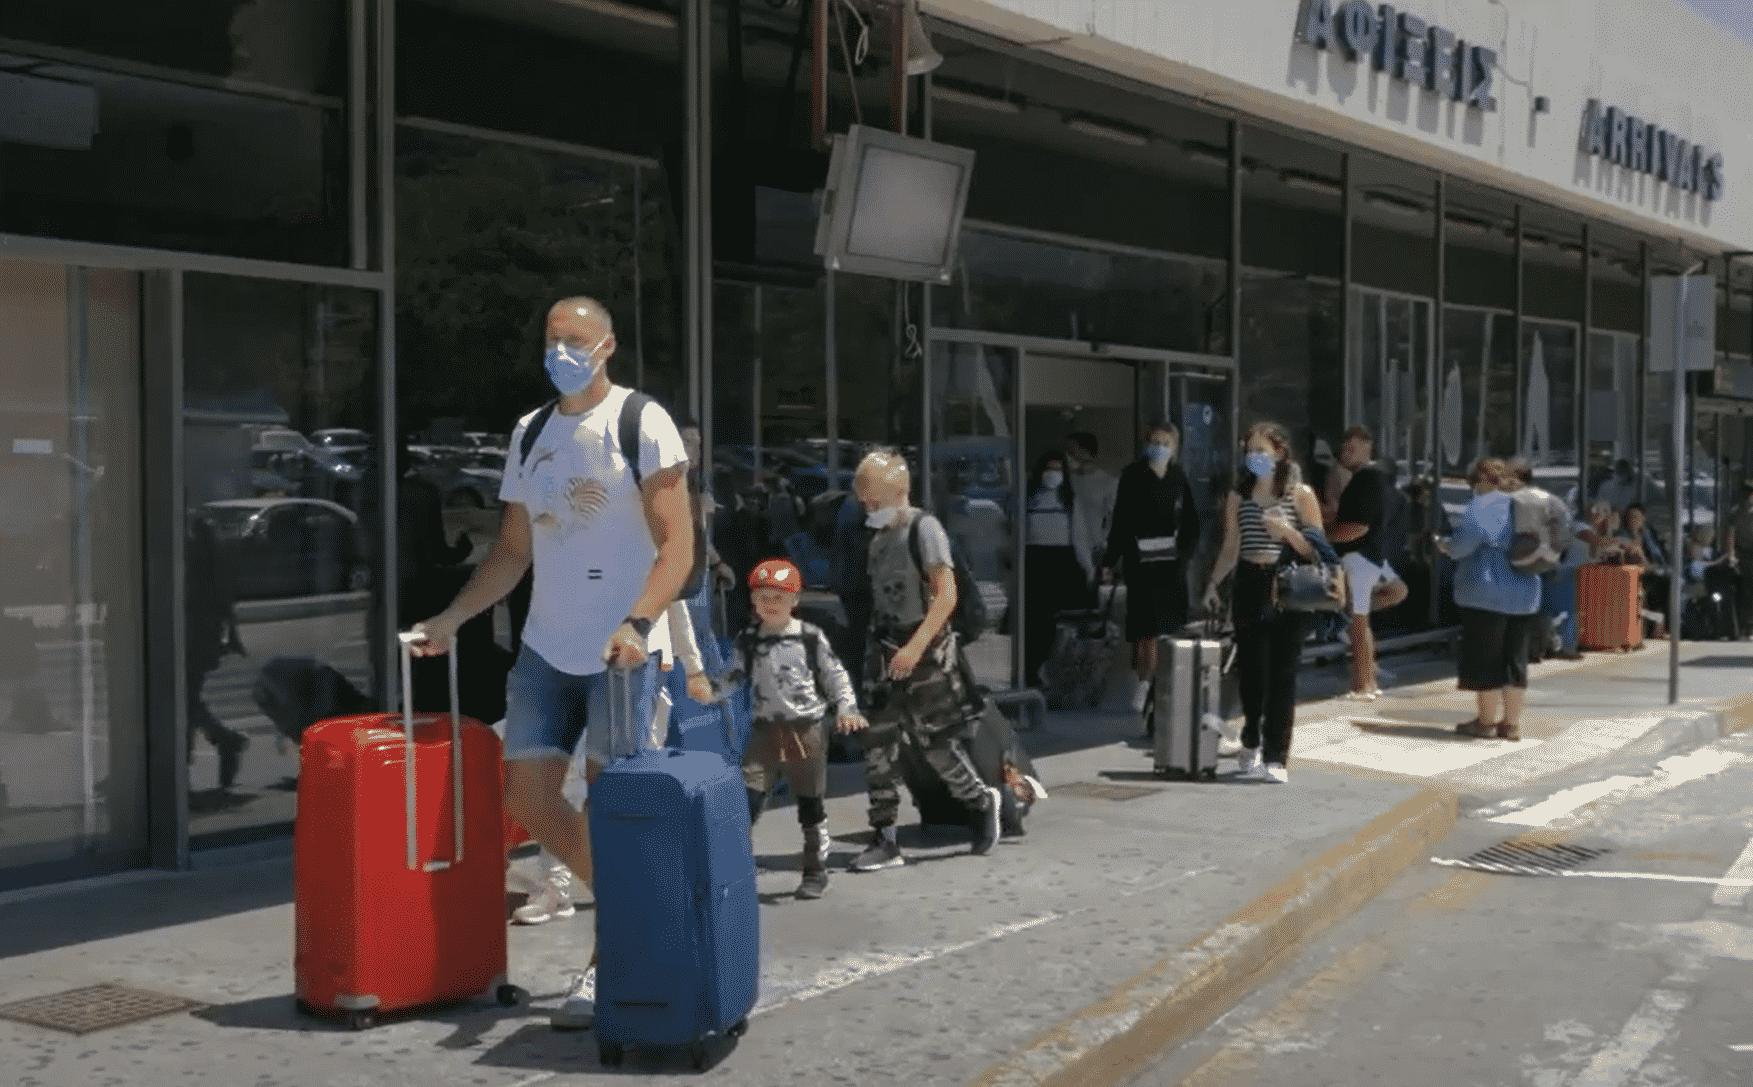 «Καλά κρατεί» και ο τουριστικός Σεπτέμβριος στο Νότιο Αιγαίο - Εξαιρετικά υψηλές οι αφίξεις το πρώτο δεκαήμερο σε Κυκλάδες και Δωδεκάνησα